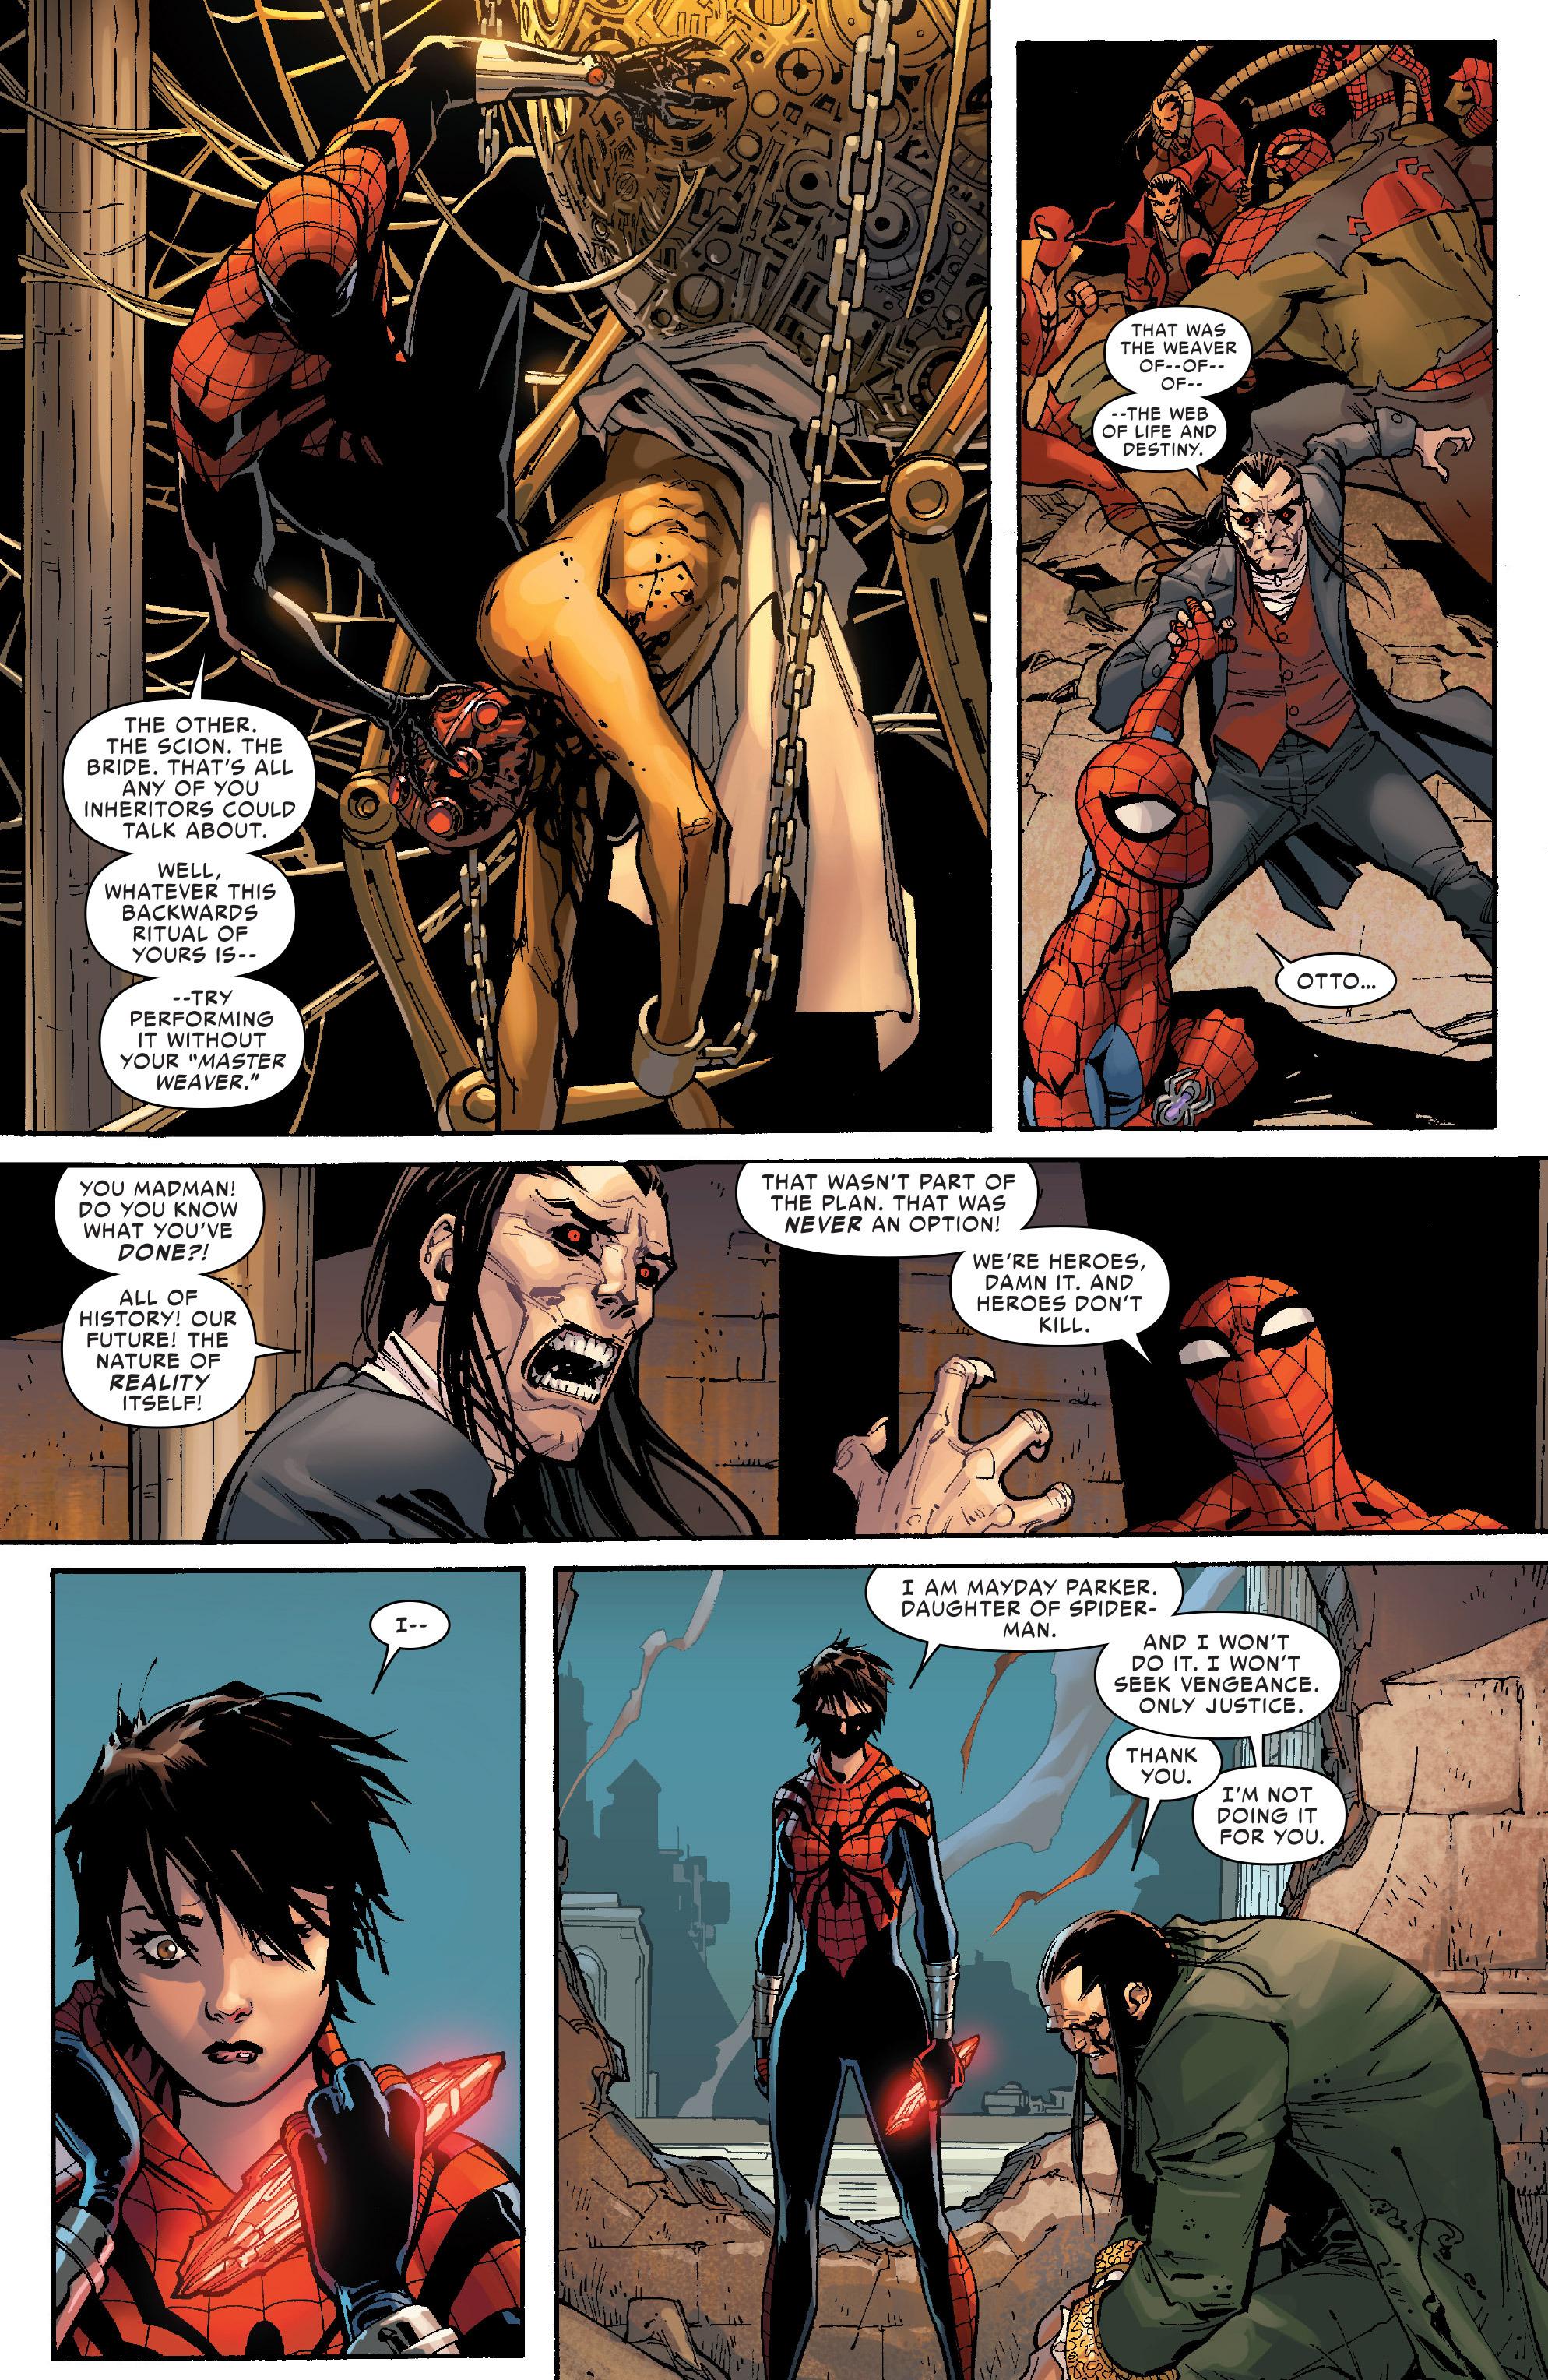 AmazingSpider-Man(2014)#14--p16